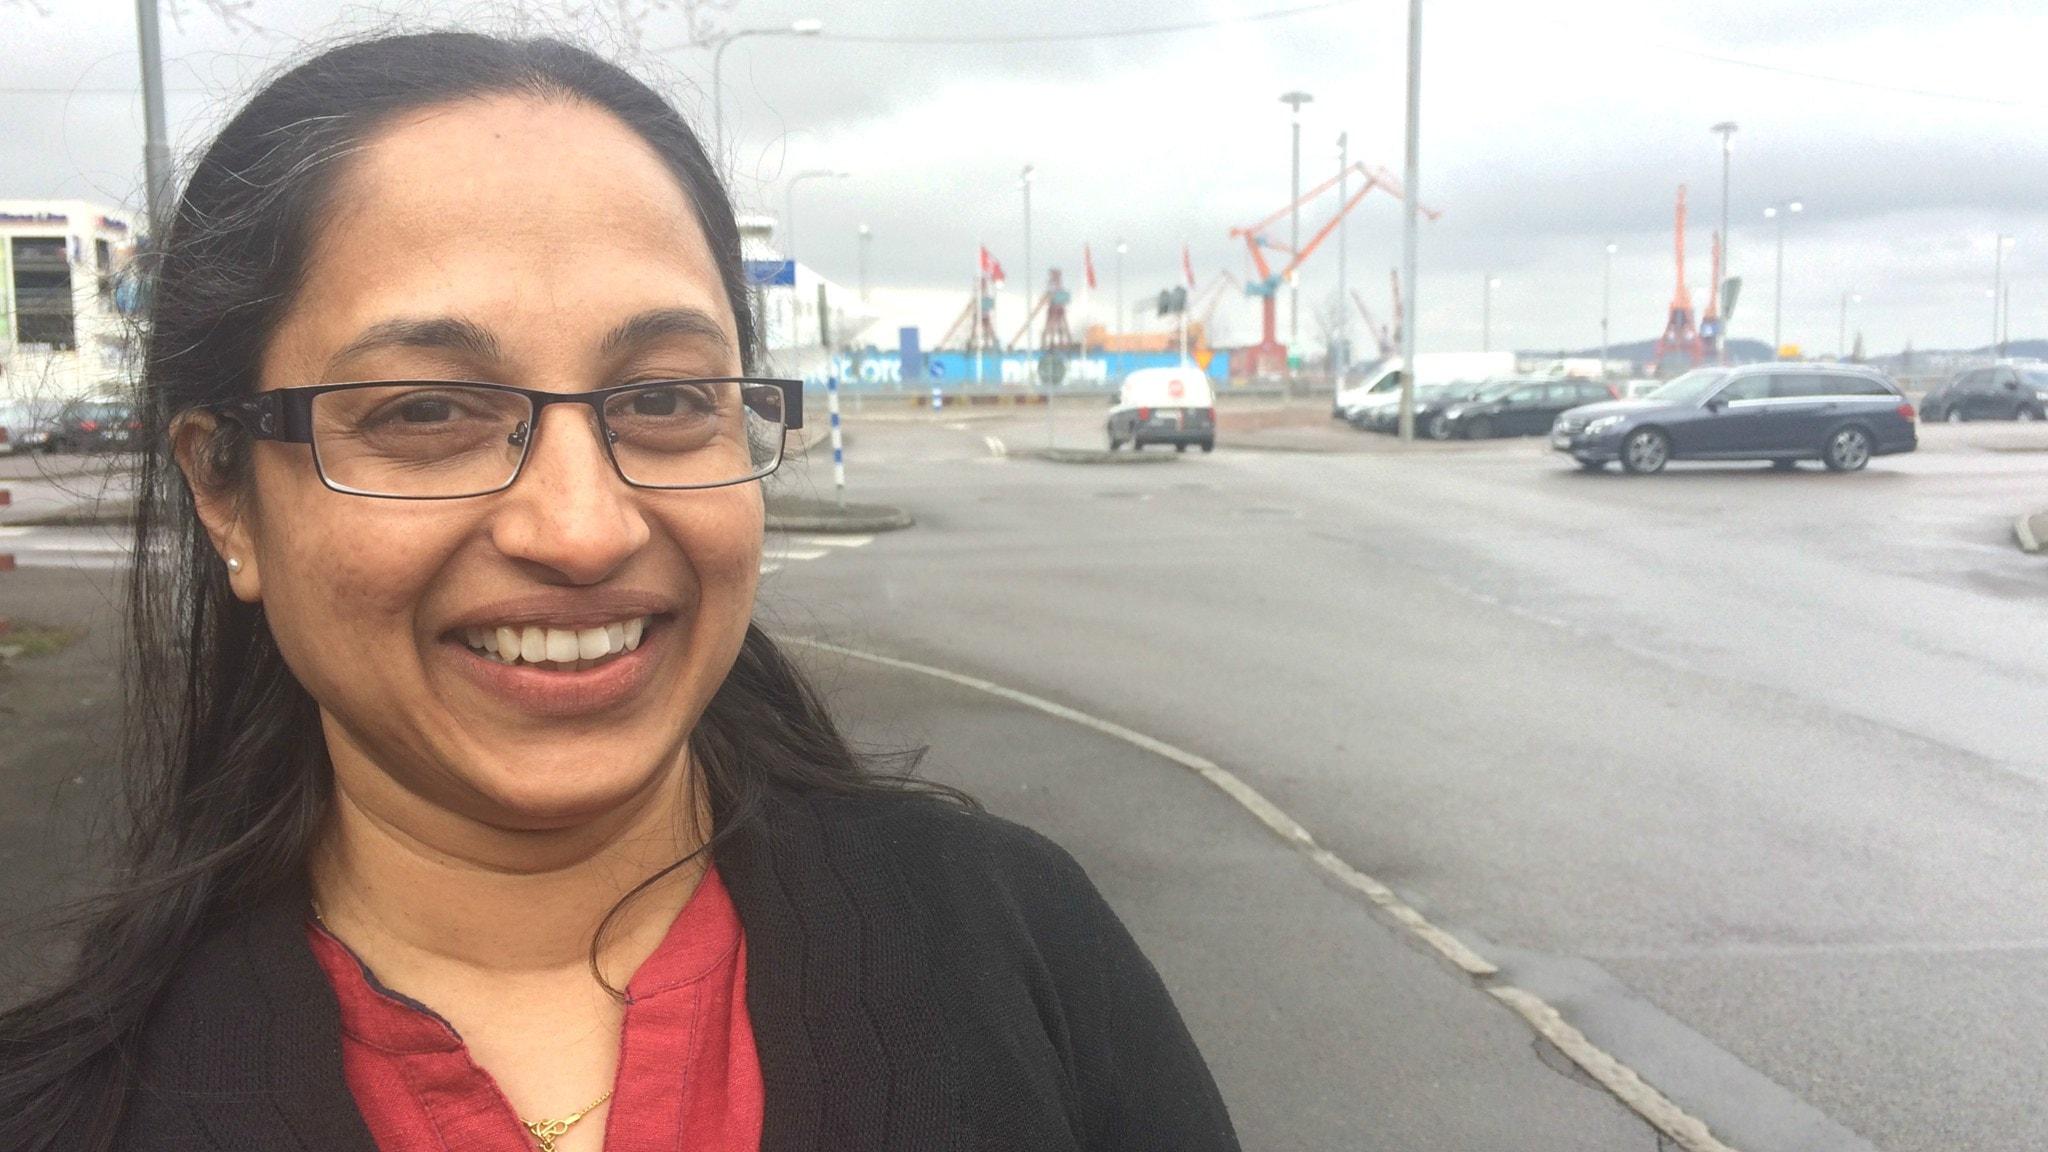 Sonia Sunny vill forska om kvinnors hälsa i Sverige